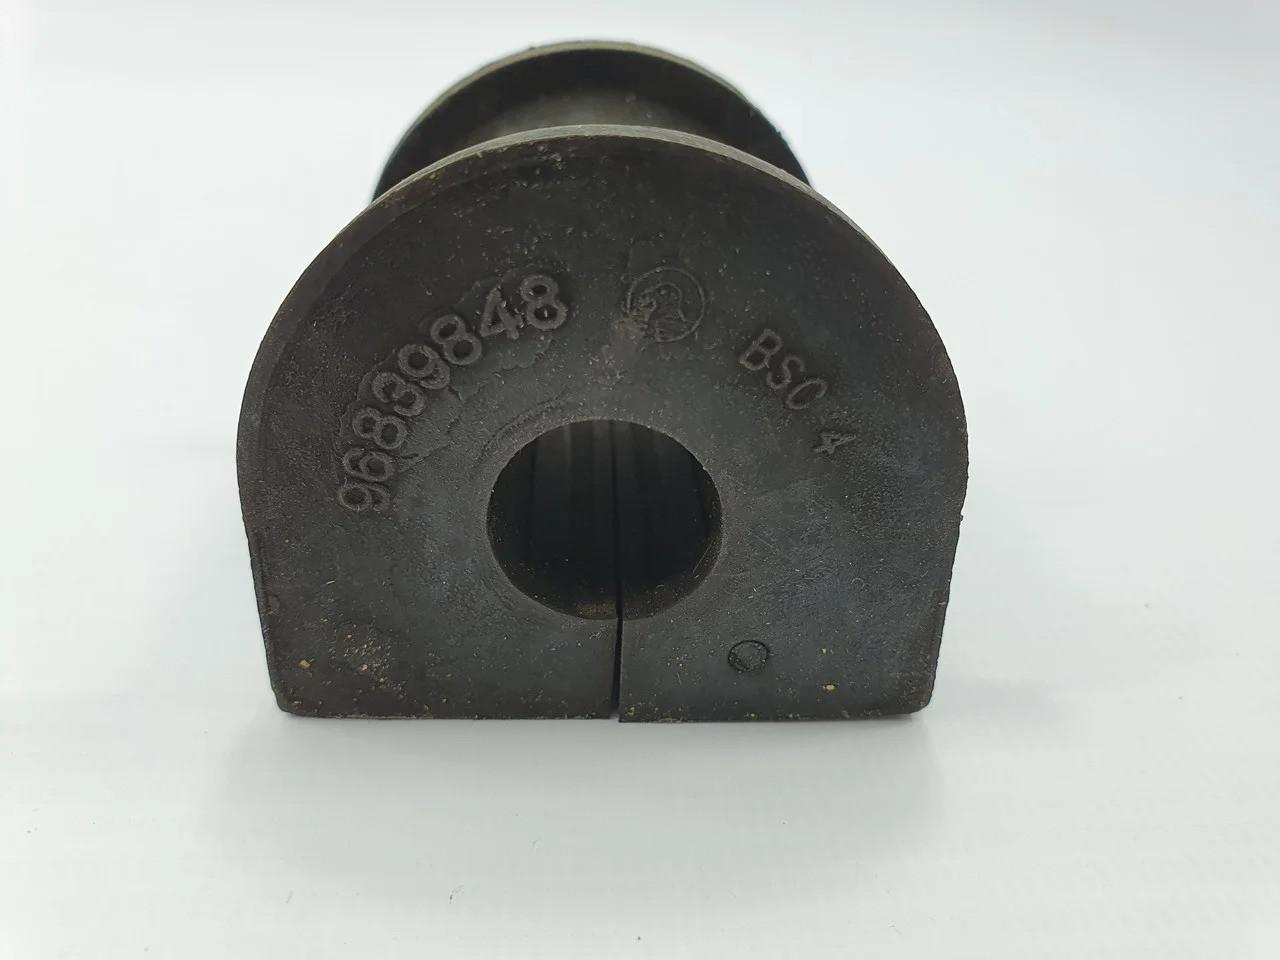 Втулка стабилизатора переднего Lacetti, Rezzo КАР/ТОРIС (BSC) Корея